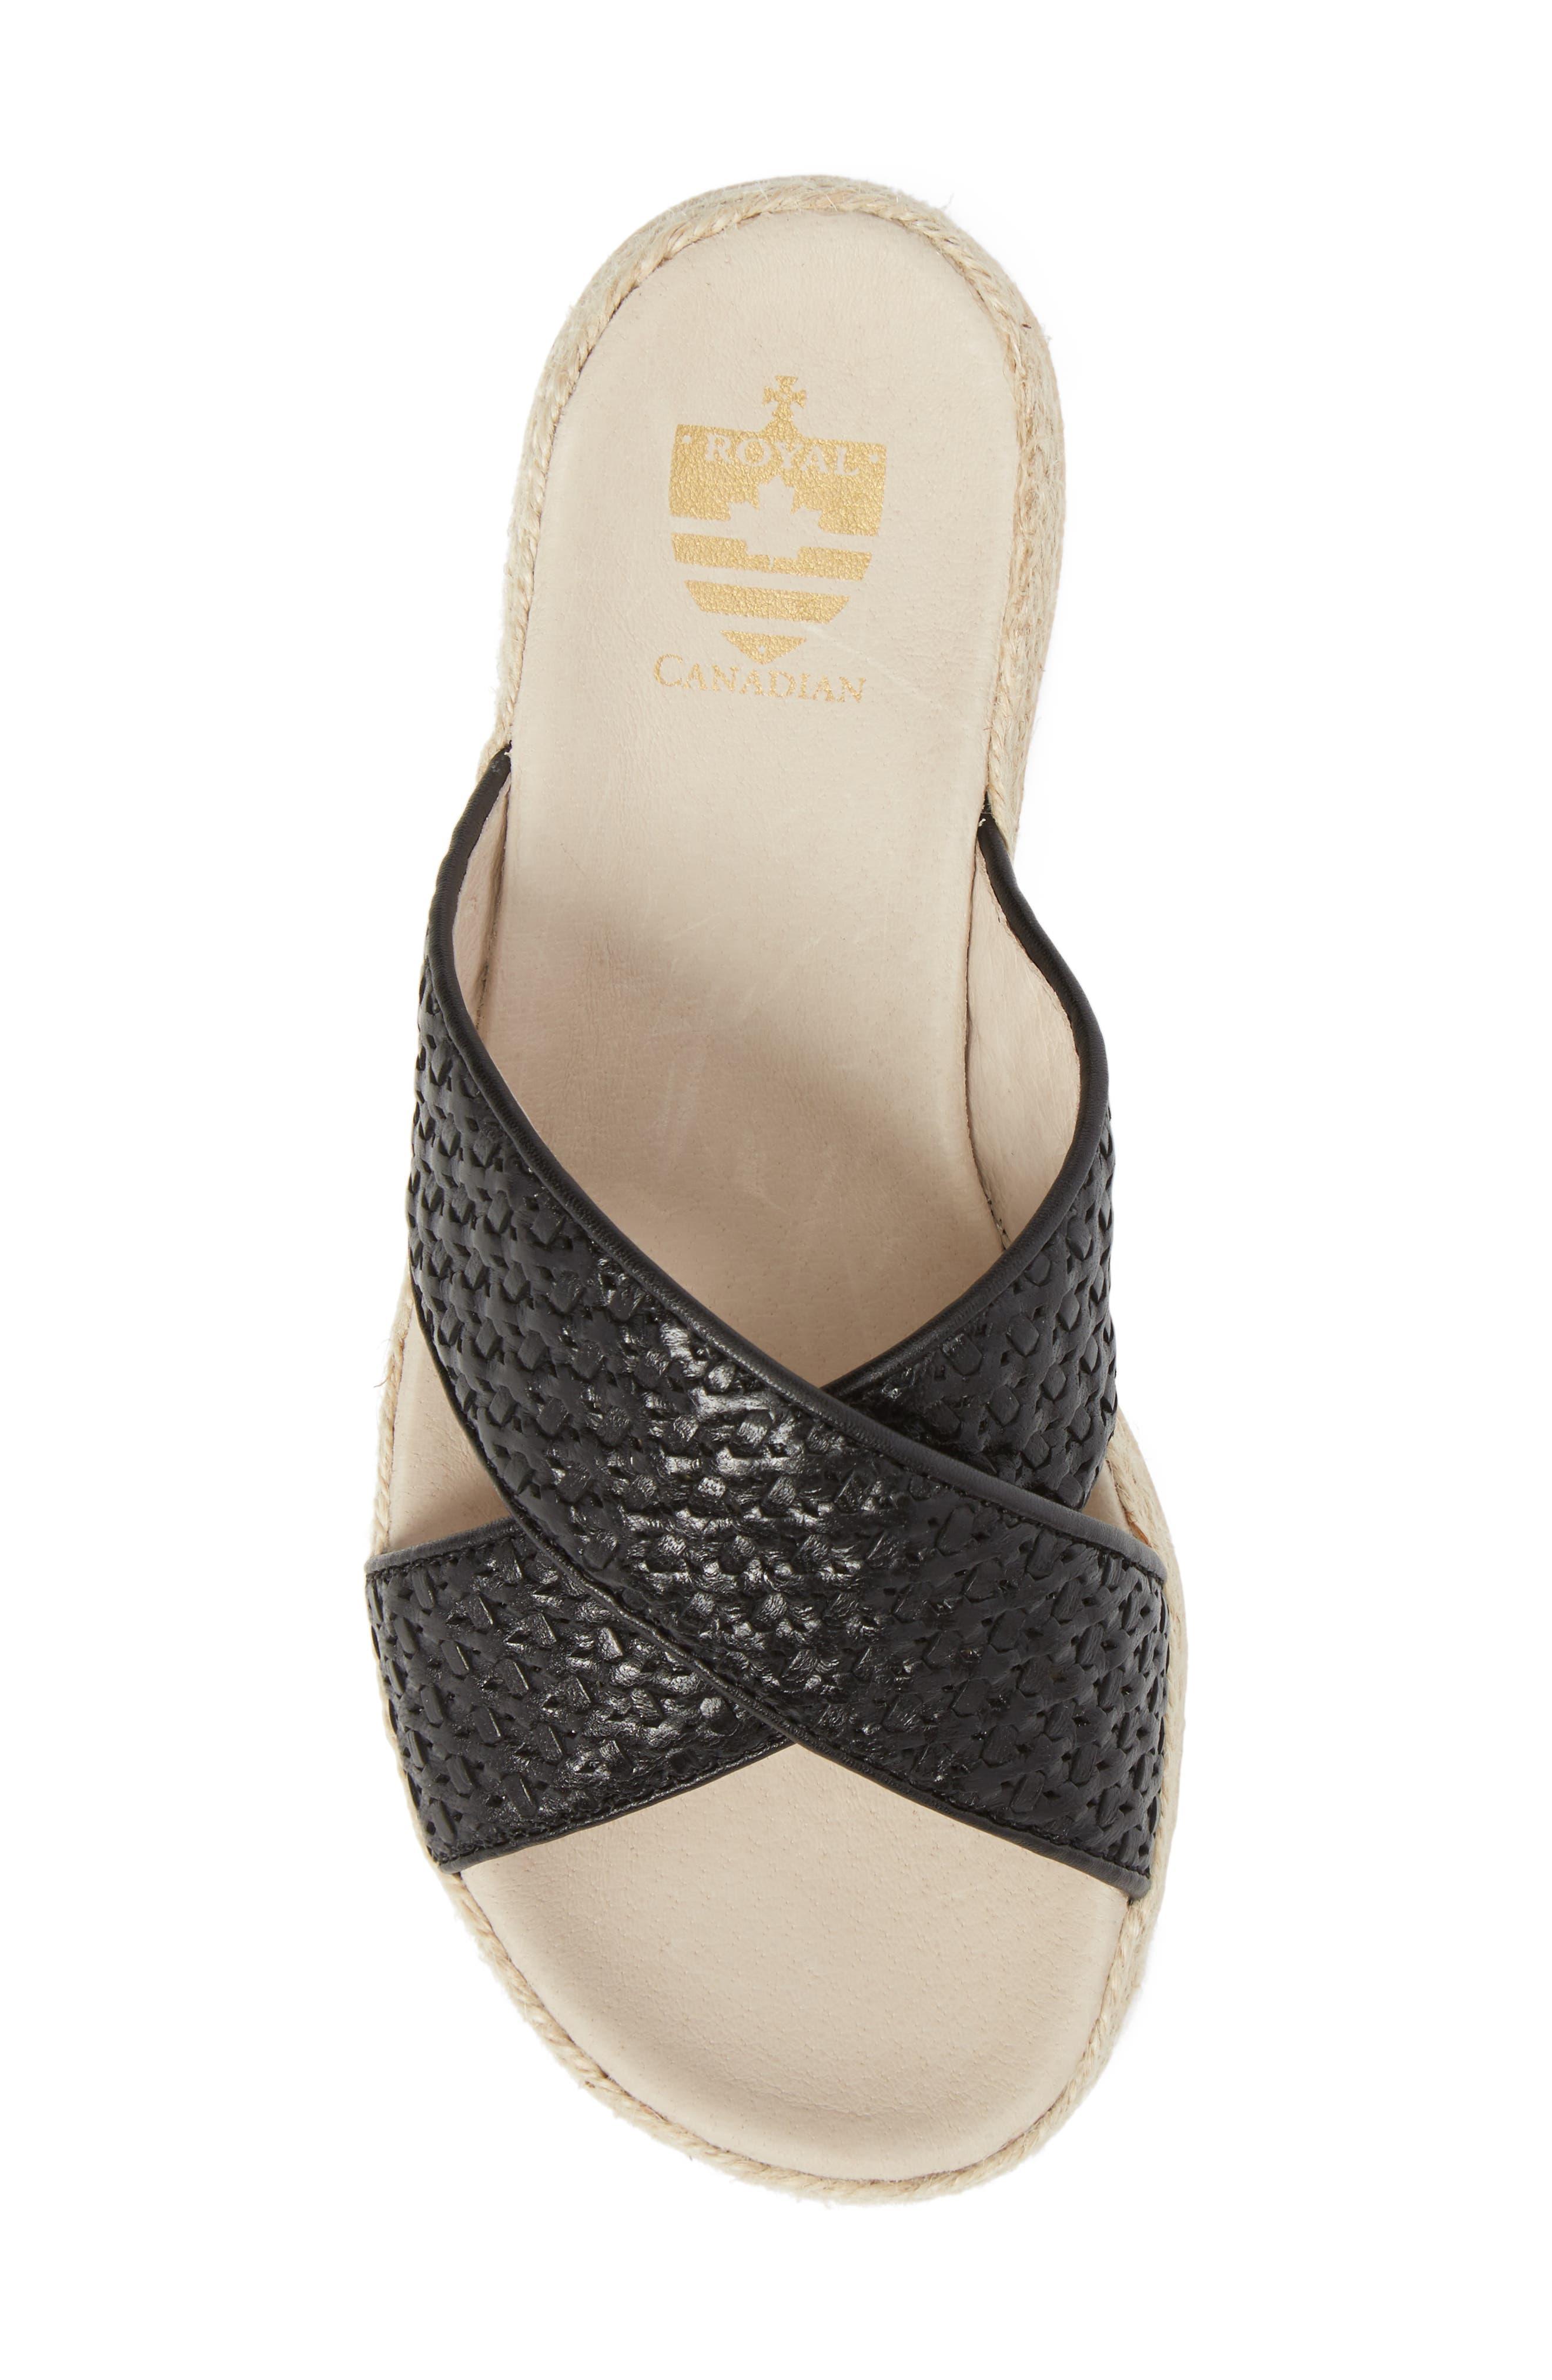 Glencairn Sandal,                             Alternate thumbnail 5, color,                             Black Leather